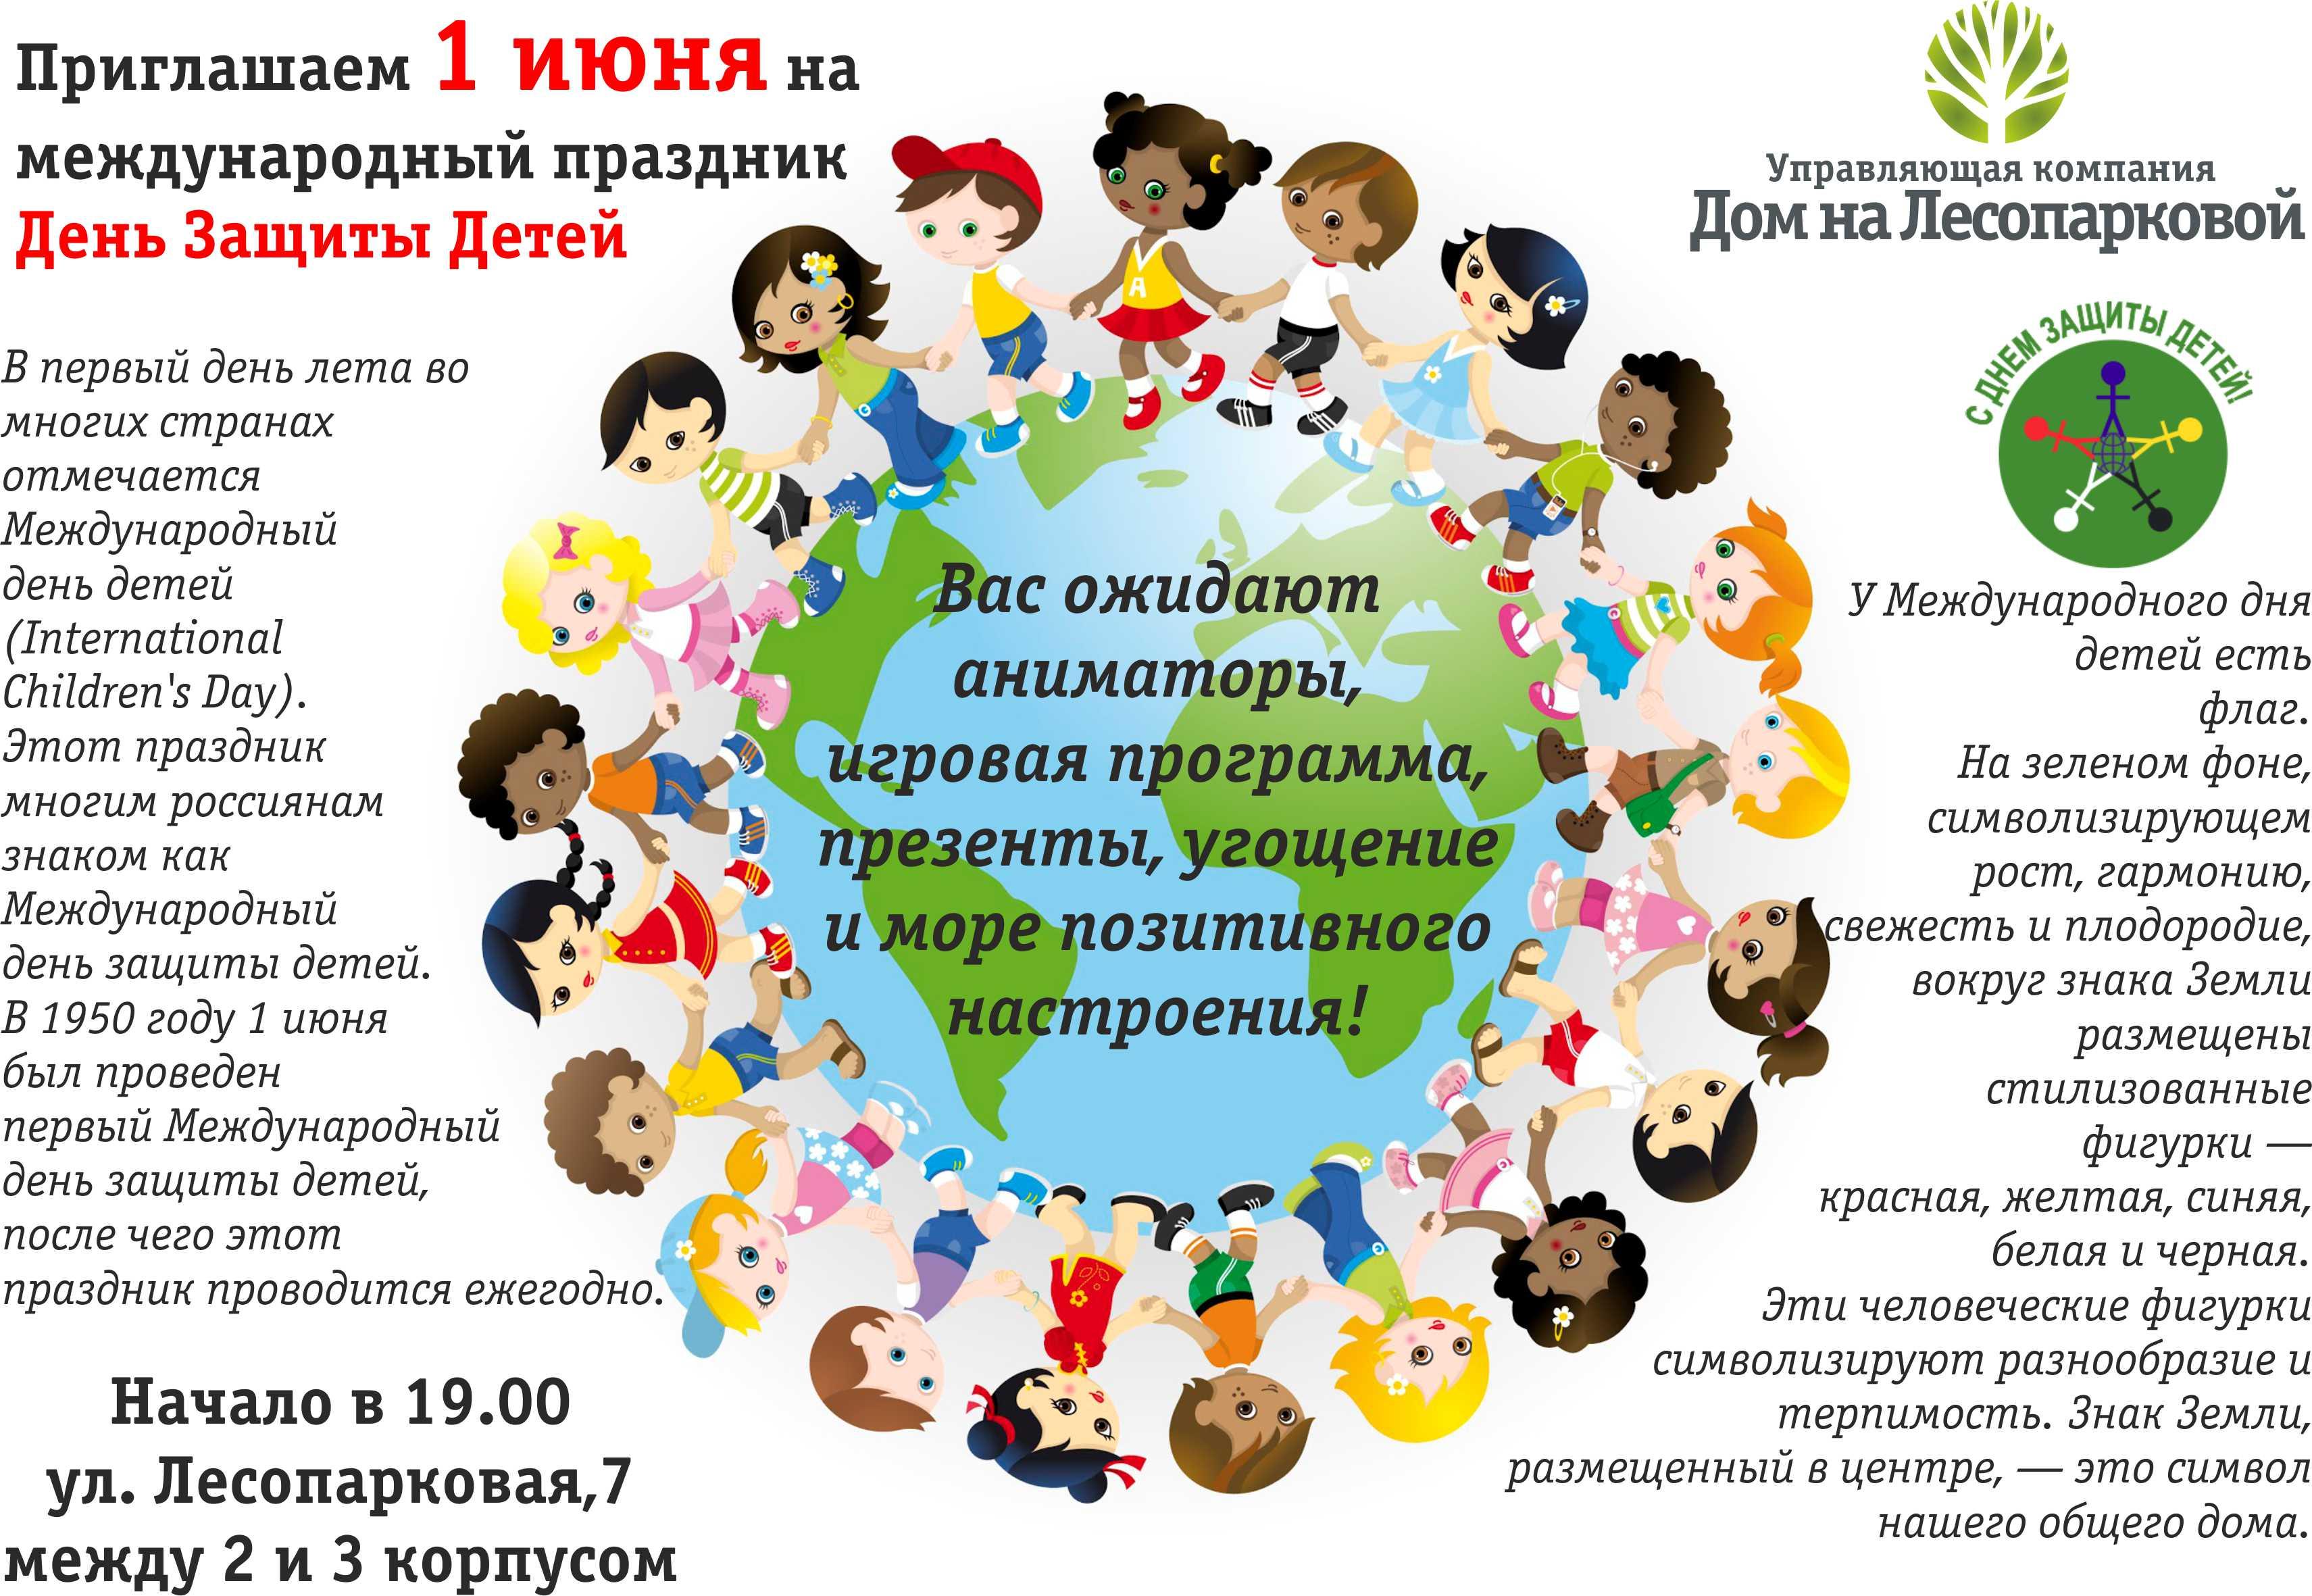 Идея проведения дня защиты детей